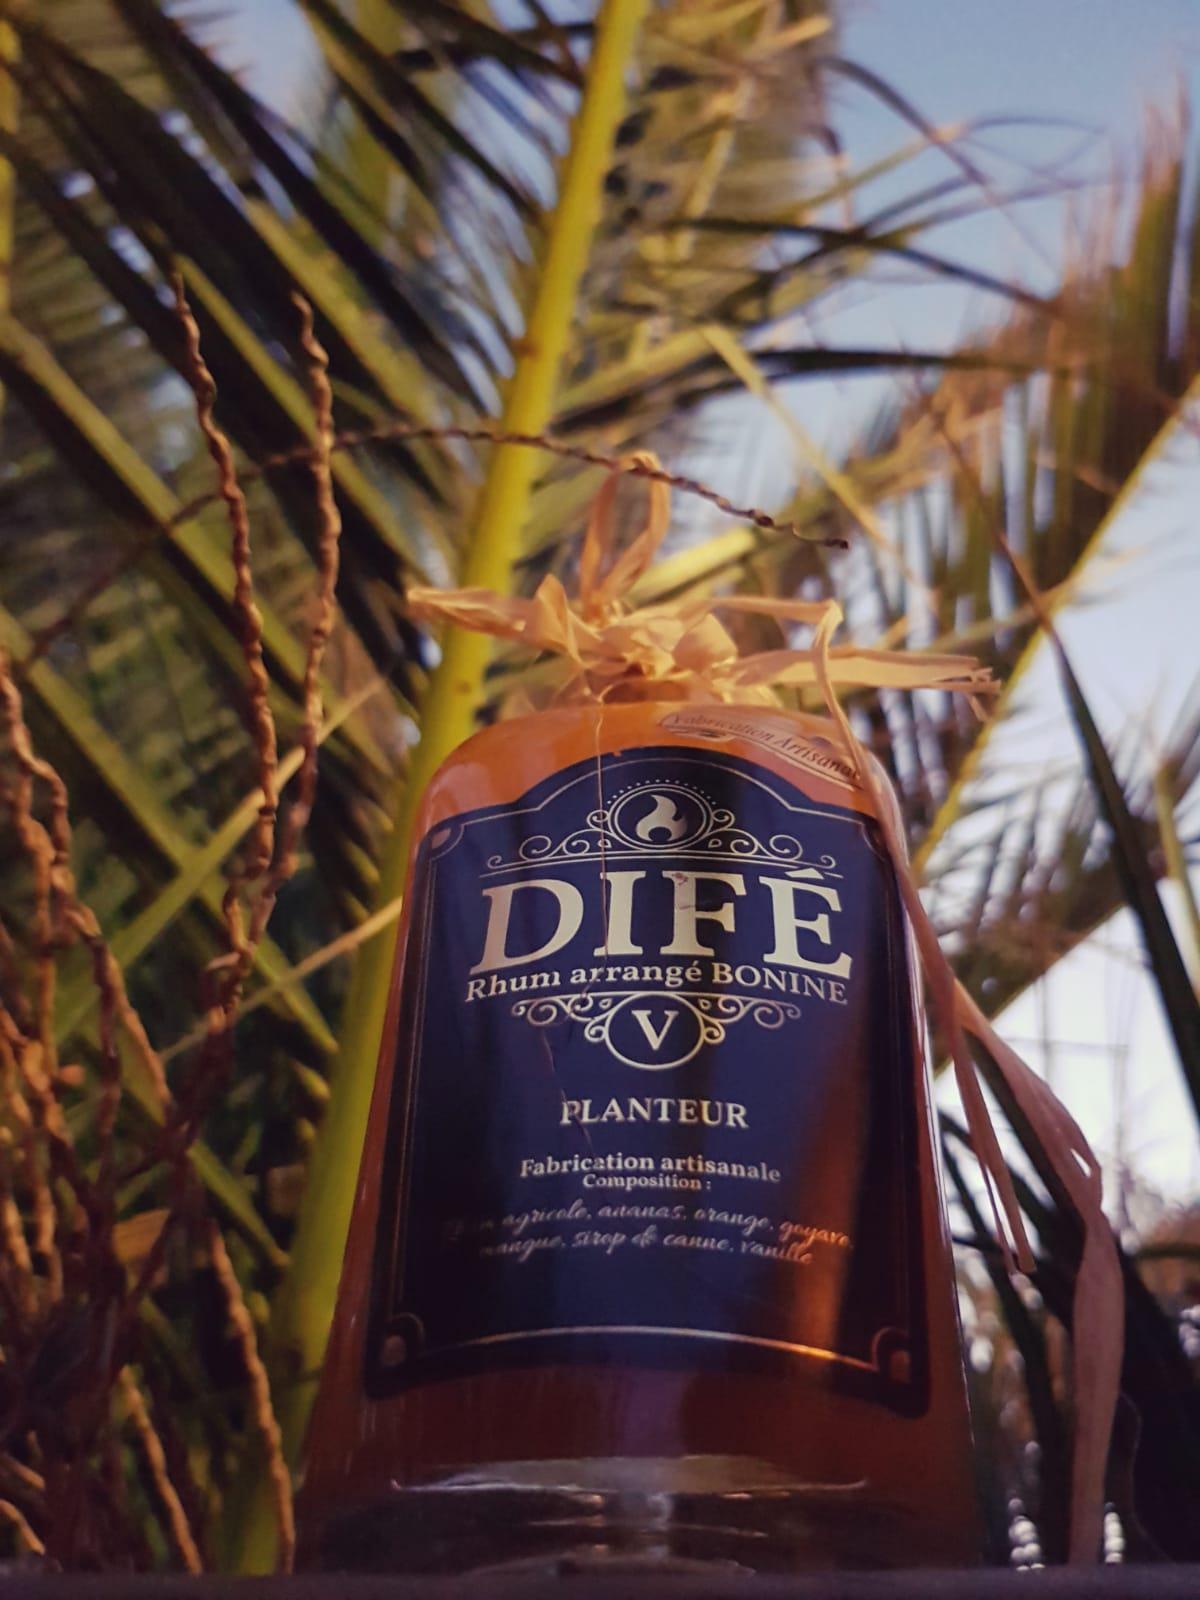 Difé palmier